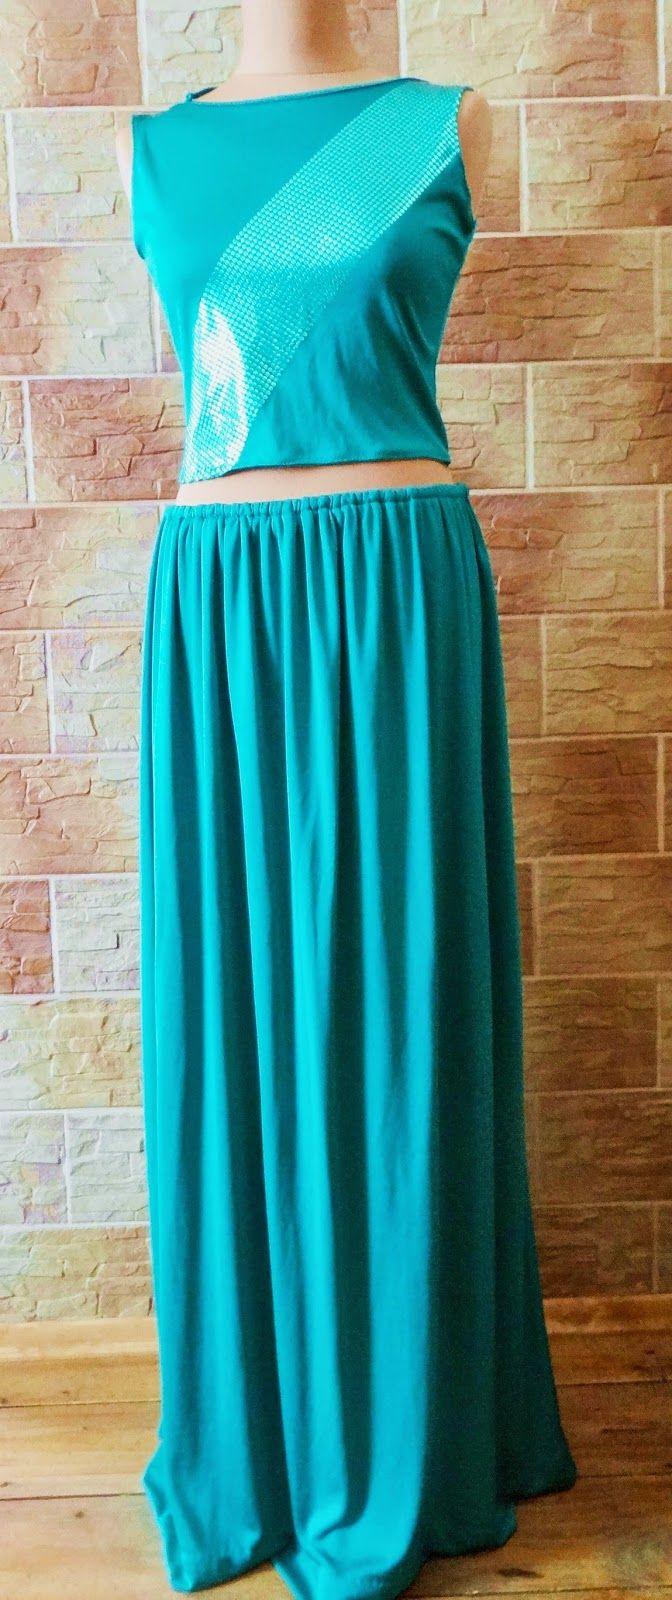 Lady at home DIY Blog: DIY spódnica maxi i krótki top z sukienki DIY Maxi skirt + crop top